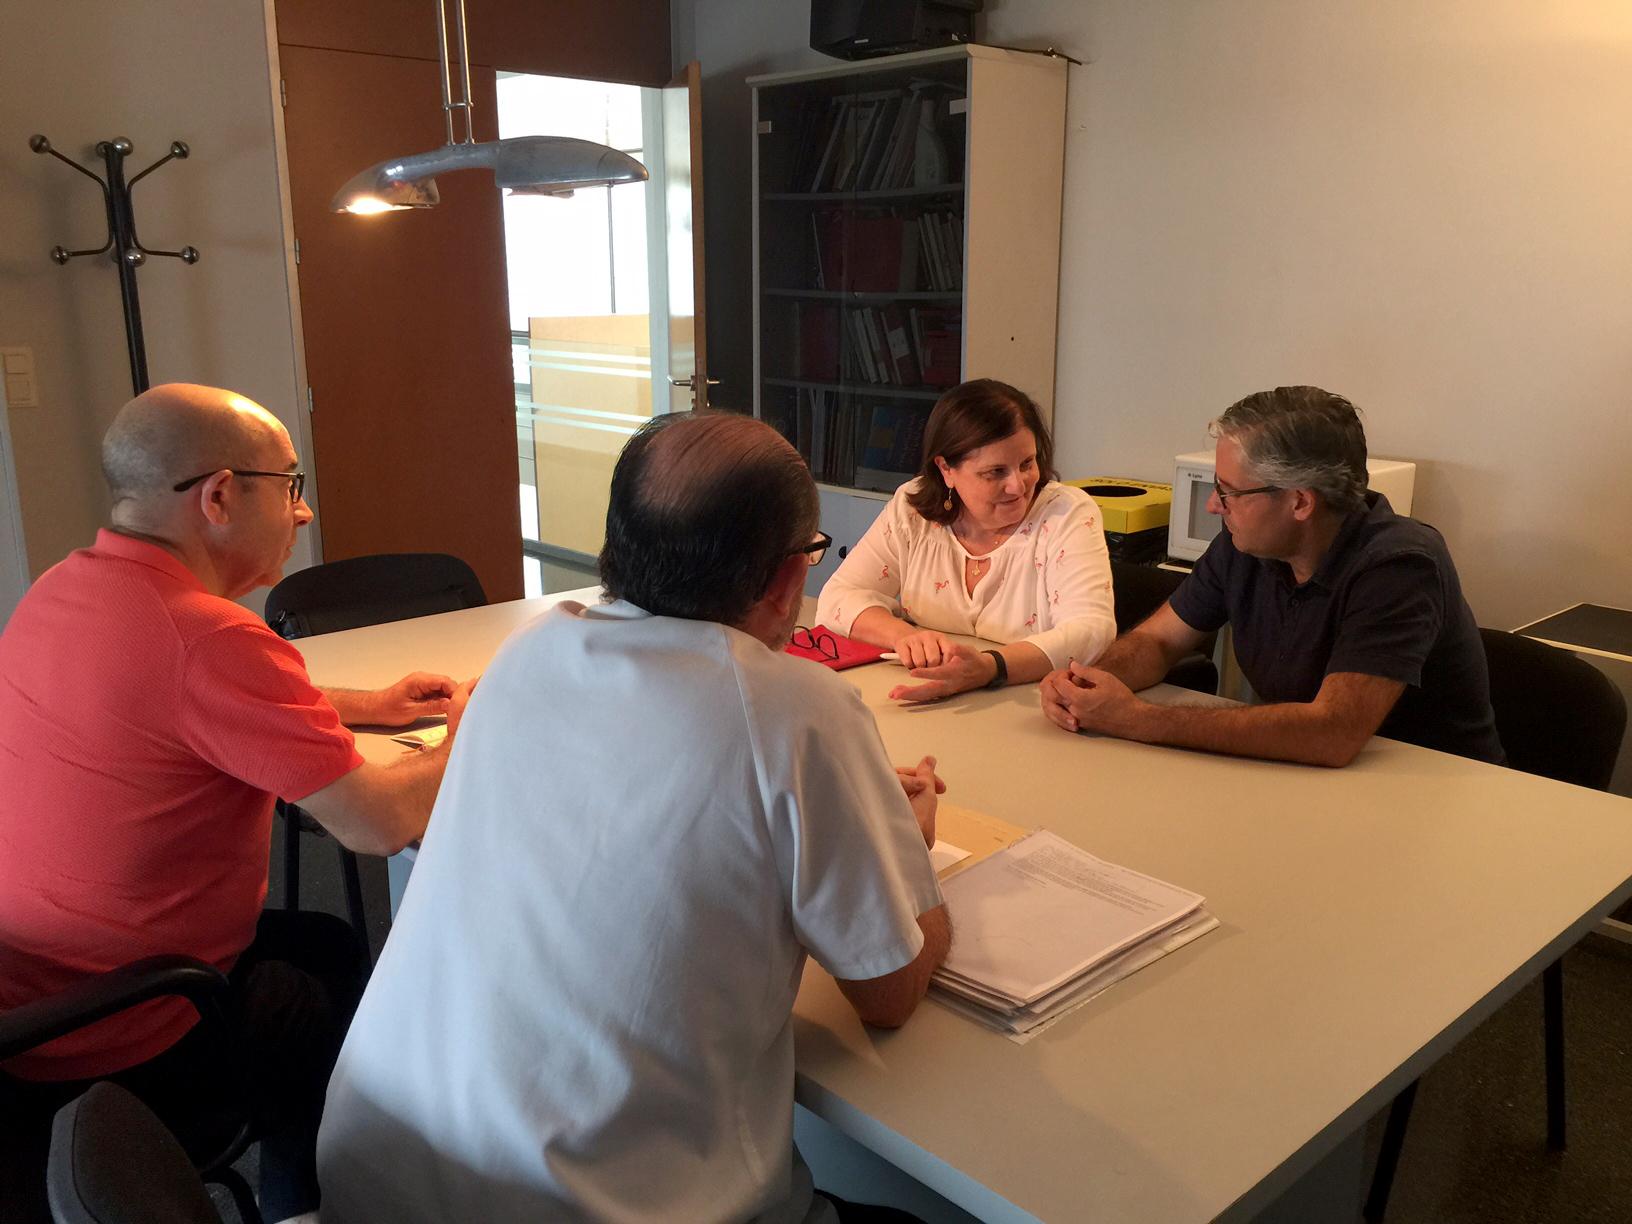 L'alcalde de Vilamarxant s'ha reunit este matí amb el coordinador del centre i amb dos responsables del departament de salut Arnau de Vilanova-Llíria per analitzar les necessitats del servei sanitari.